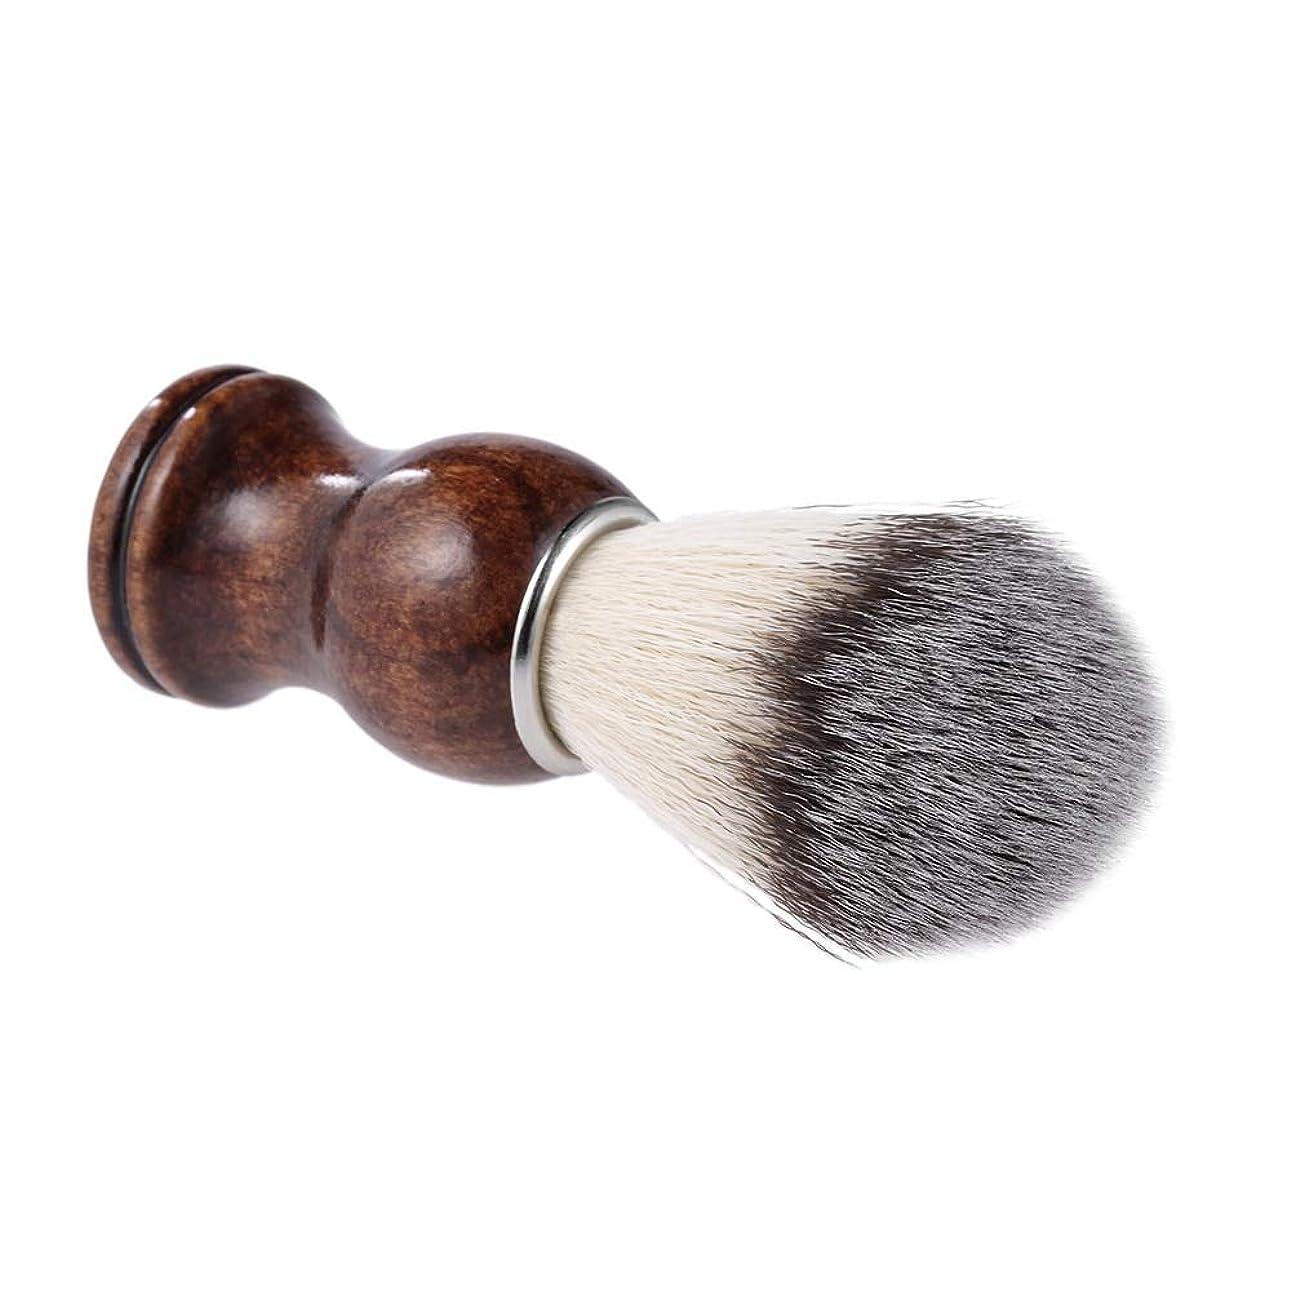 出くわす尊敬するスペルBeard Shaving Brush Shaving Cream Brush Wooden Handle Nylon Hair Shaving Razor Dusting Brush Facial Beard Cleaning Shave Tool